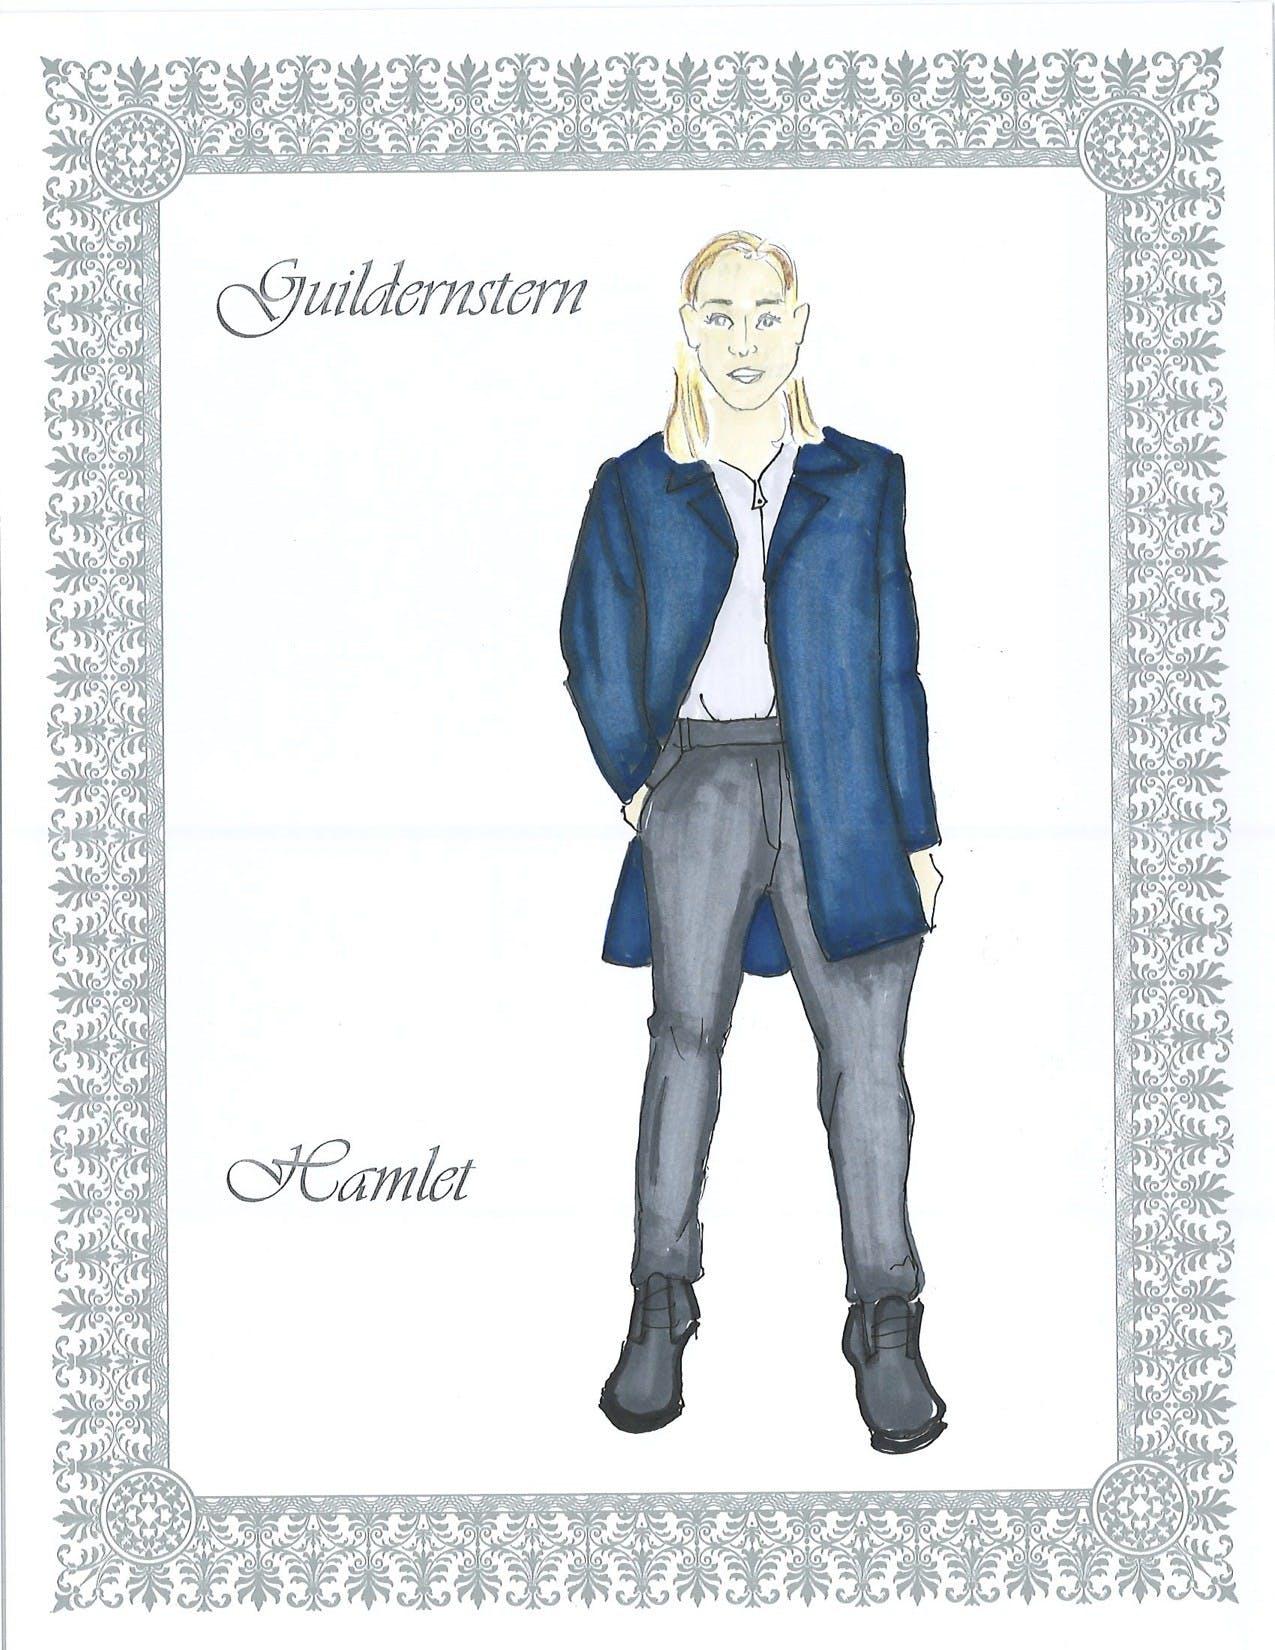 Guildernstern costume design